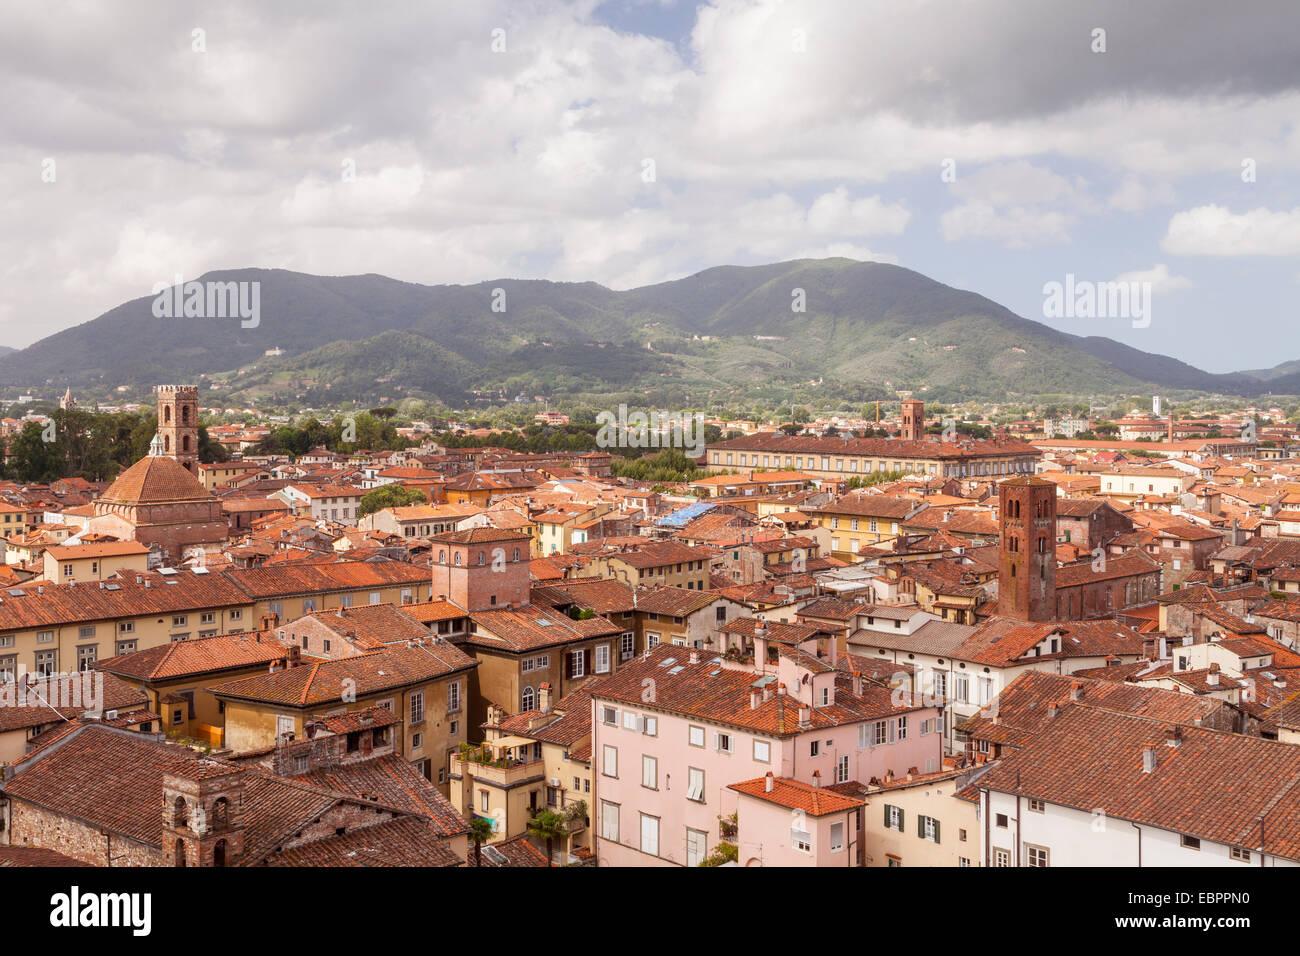 Die Dächer der Altstadt von Lucca, Toskana, Italien, Europa Stockbild